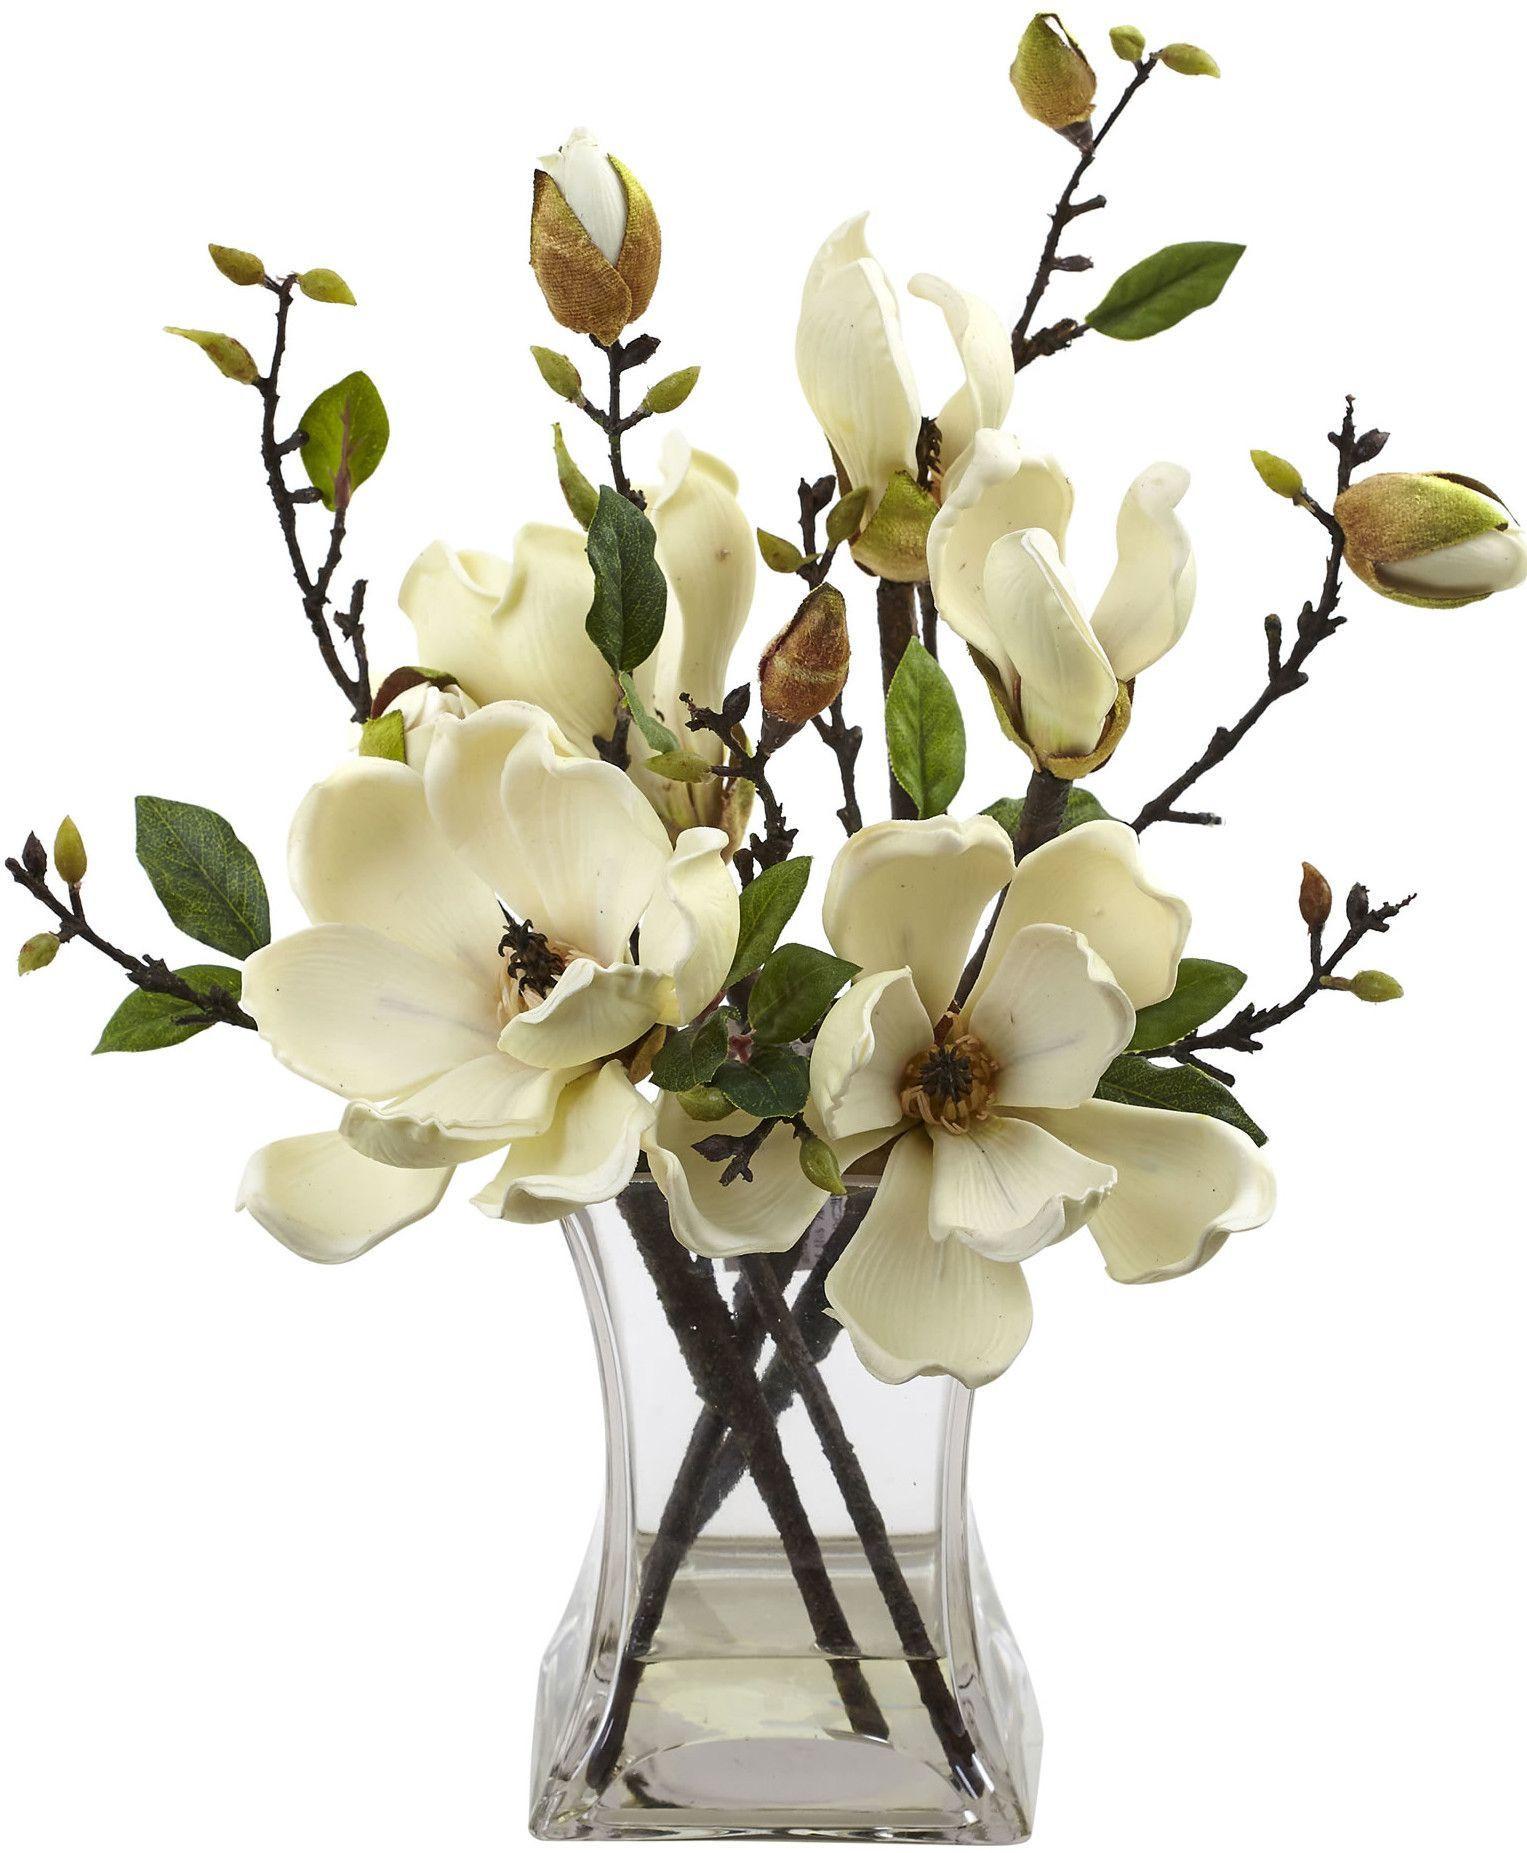 debi lilly design illusion vases of magnolia arrangement with vase magnolias pinterest flowers inside magnolia arrangement with vase